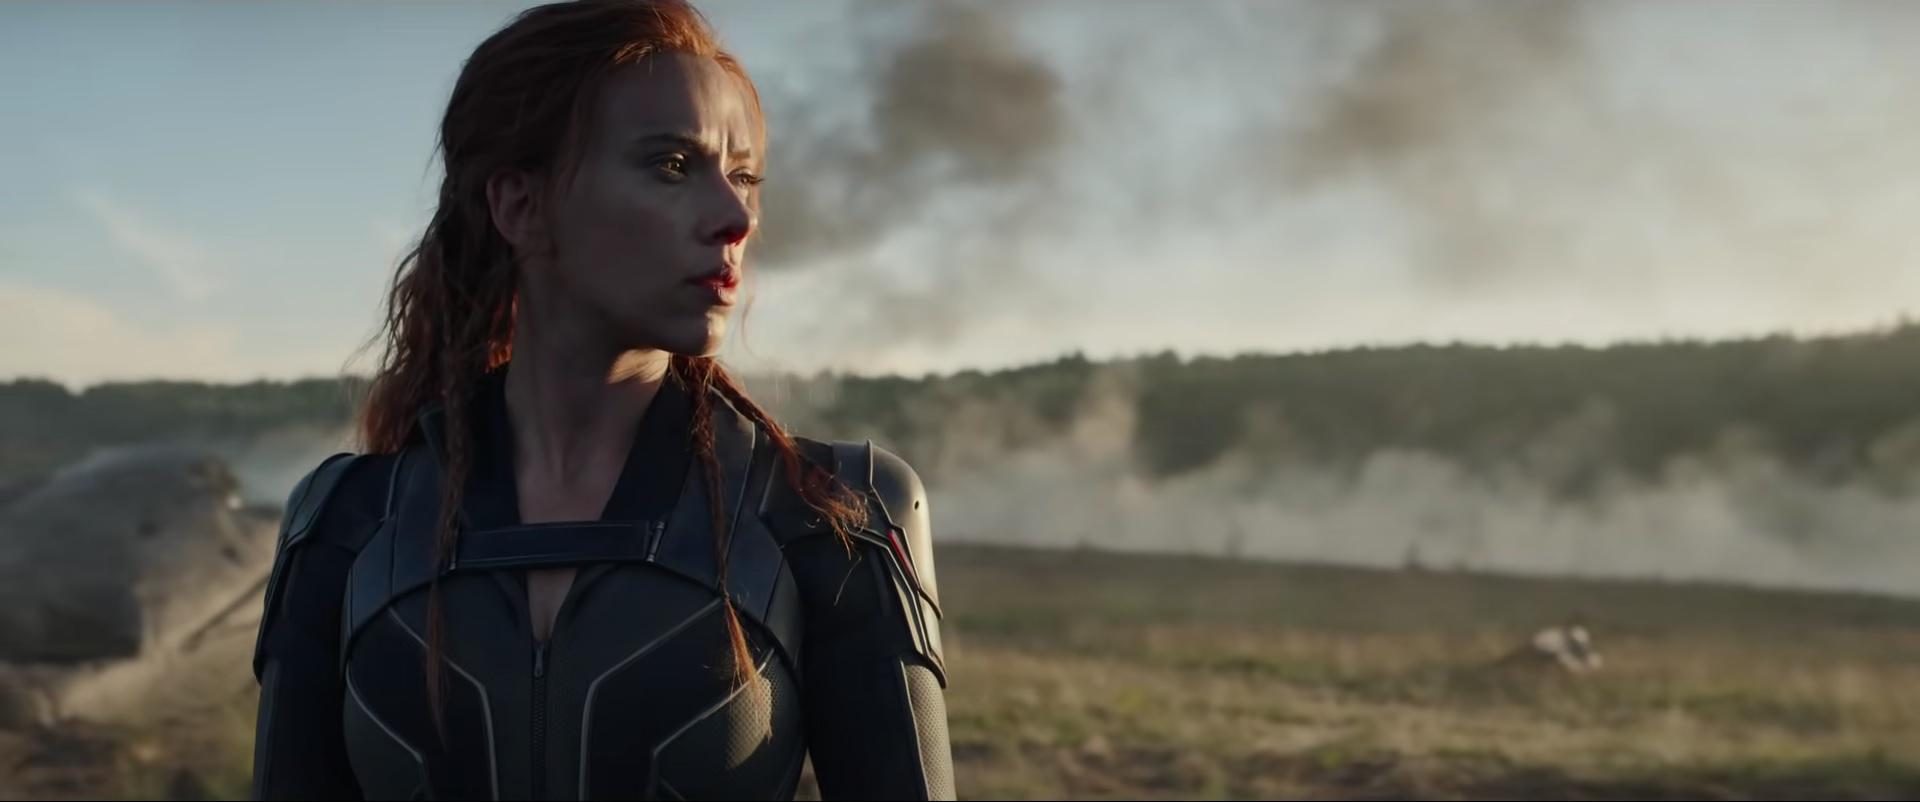 Black Widow : quand le MCU se ramasse sévèrement...